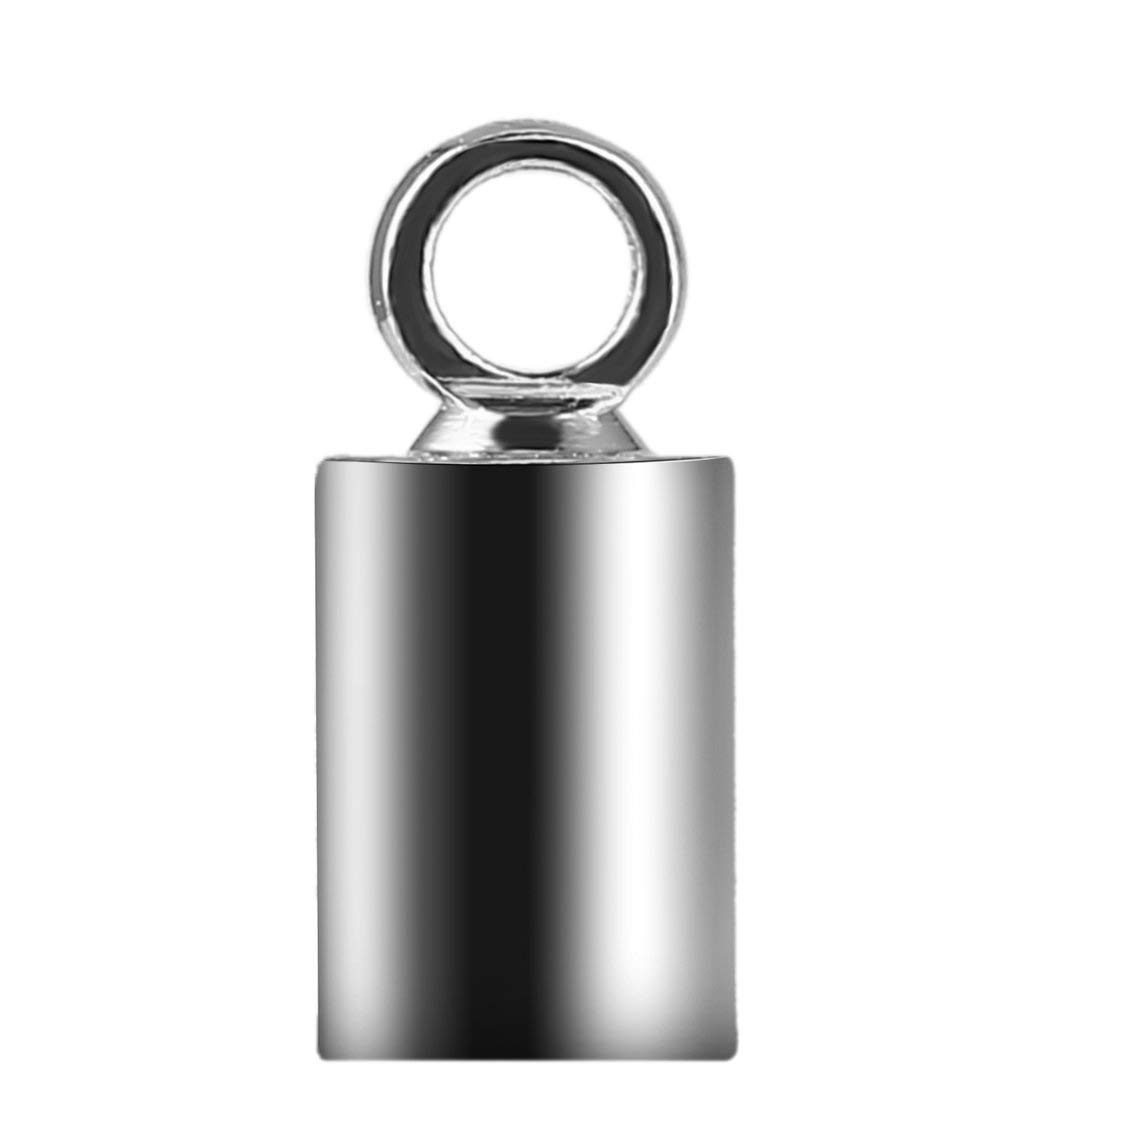 Zinniaya 100pcs Argent Couleur M/étal Crimp Bouts De Boucle Boucle 4 9mm pour Collier Bracelet Boucle De Cha/îne Fermoir DIY R/ésultats de Bijoux